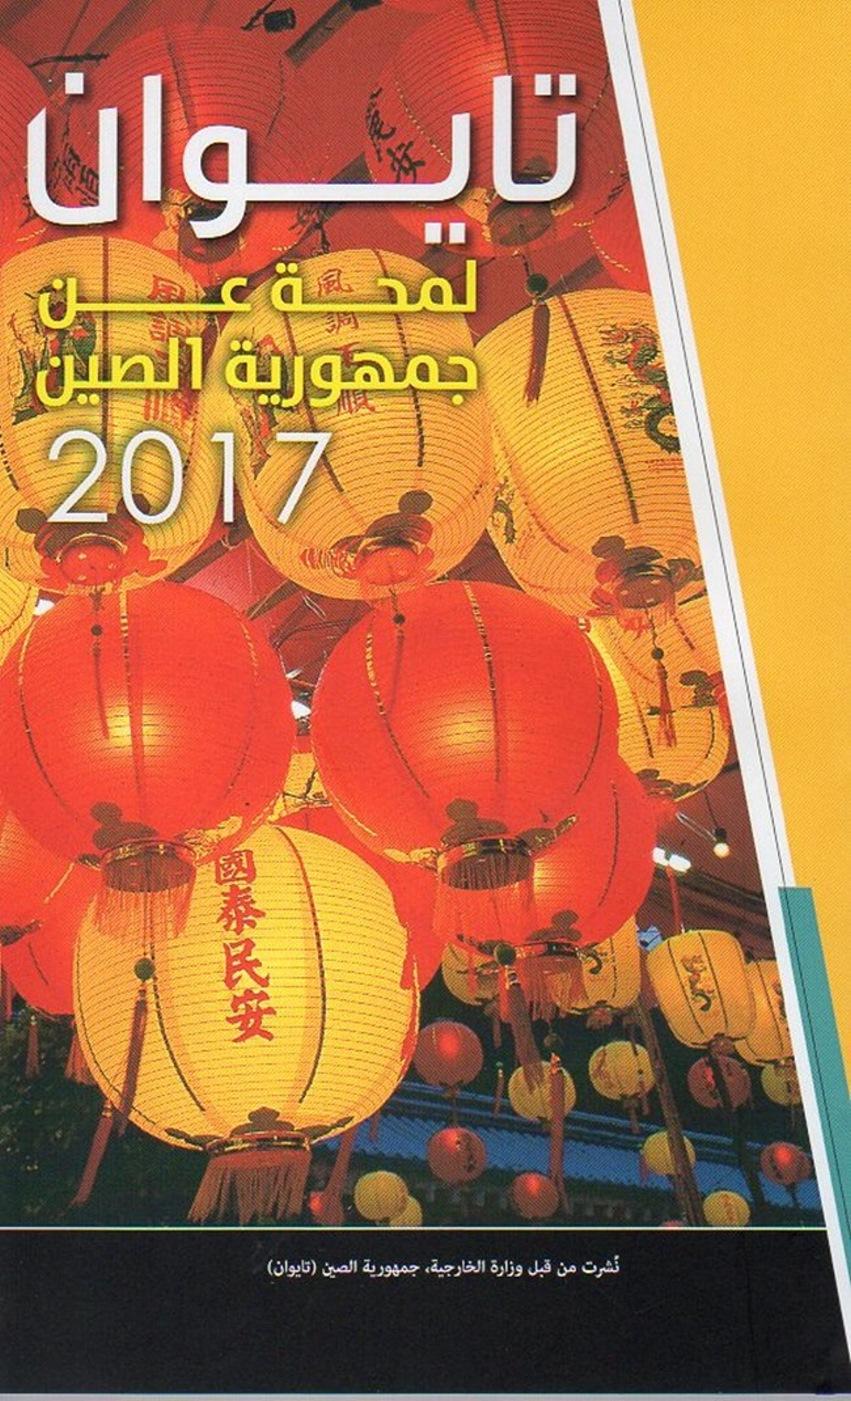 中華民國一瞥2017阿拉伯文